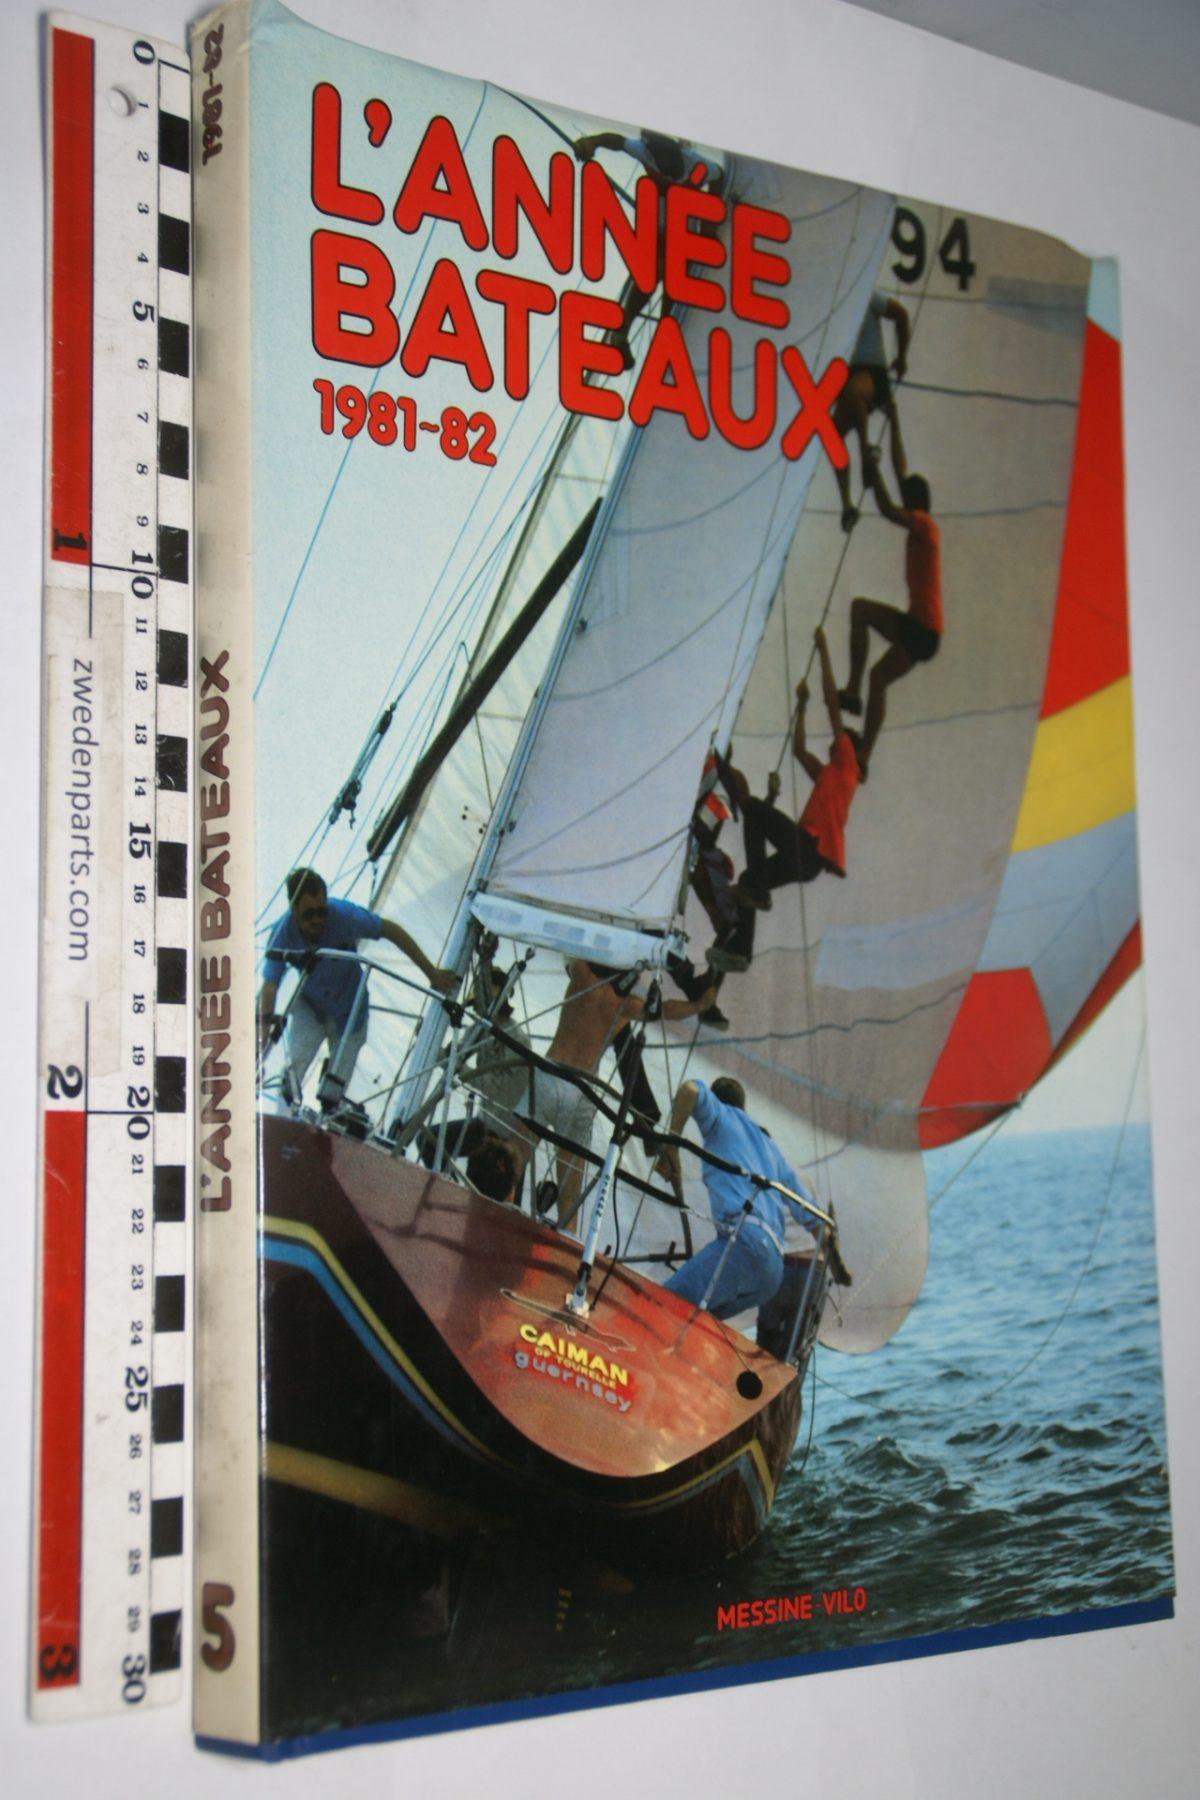 DSC06957 1981-82 boek l'Année Bateaux ISBN 2864090066